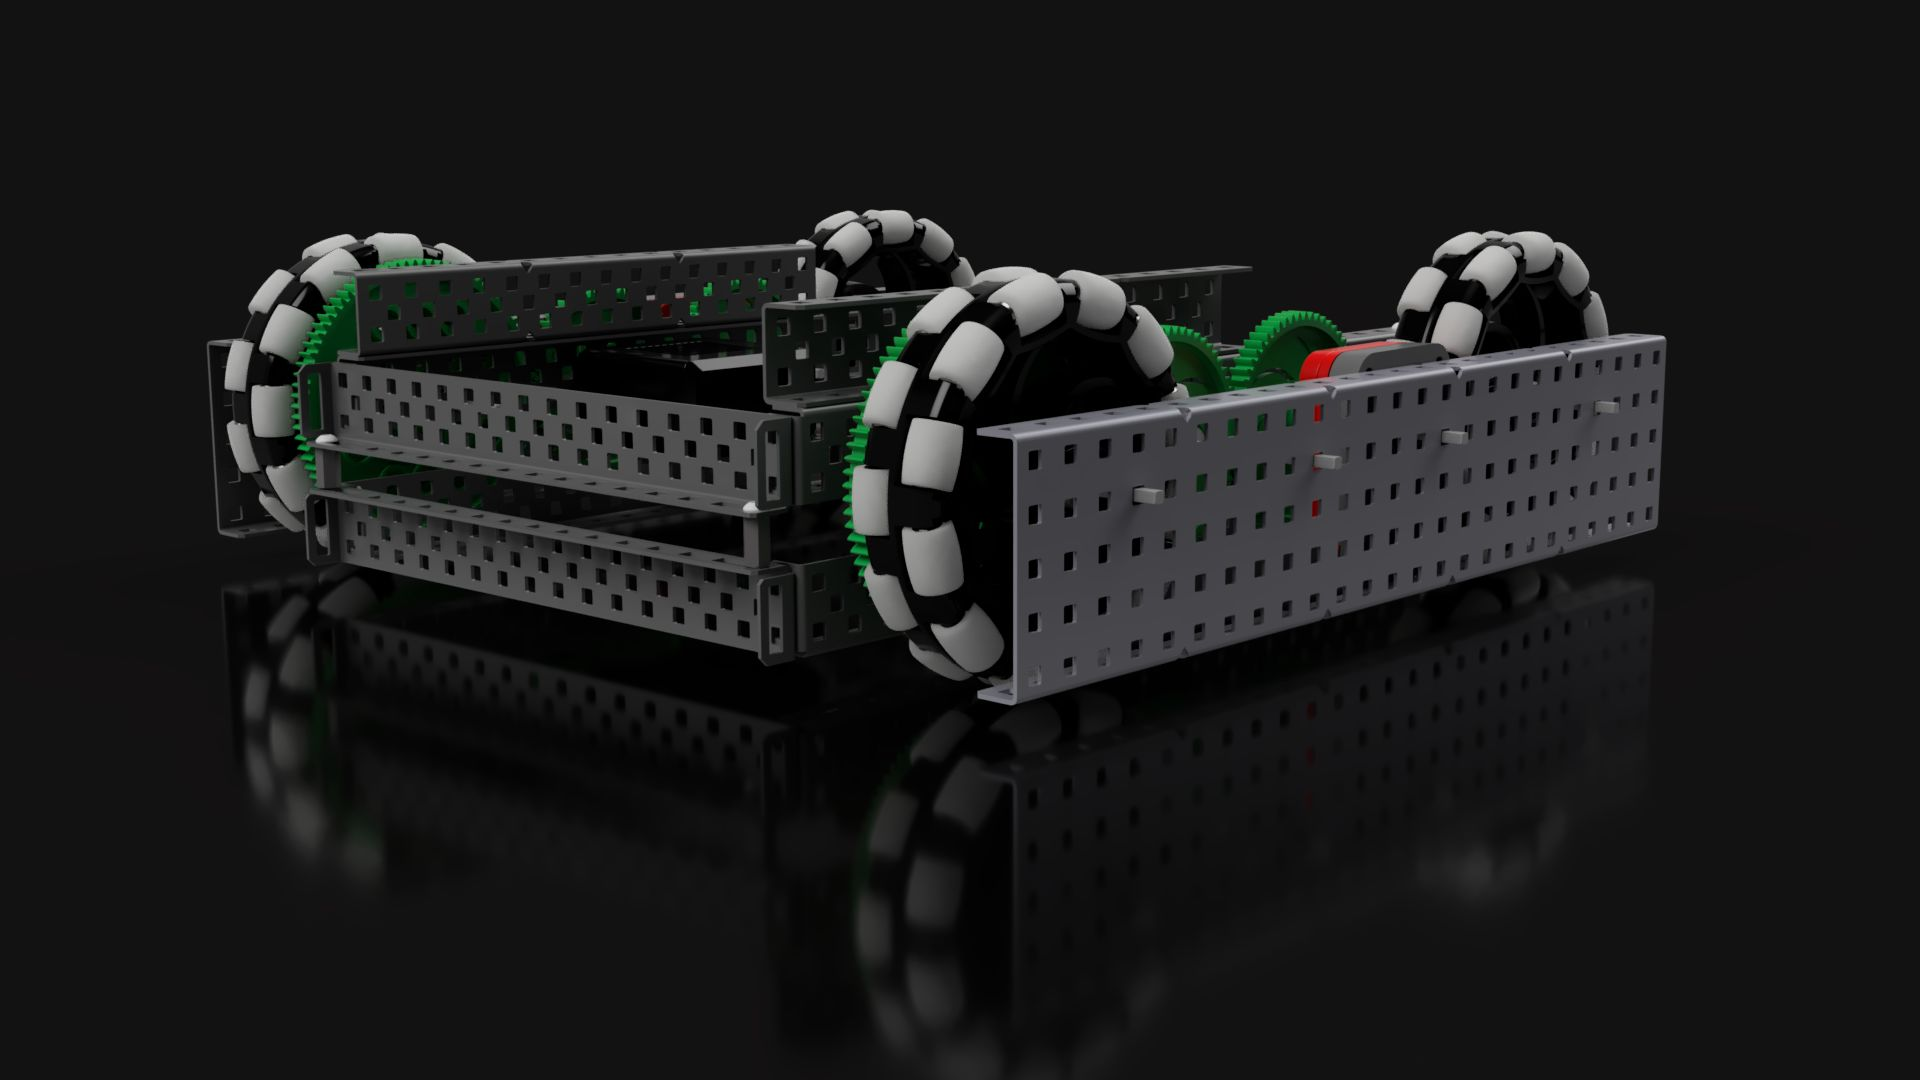 Robotic-traction---vex-robotics-v5-design-2019-jun-09-10-56-34pm-000-customizedview22492790981-png-3500-3500